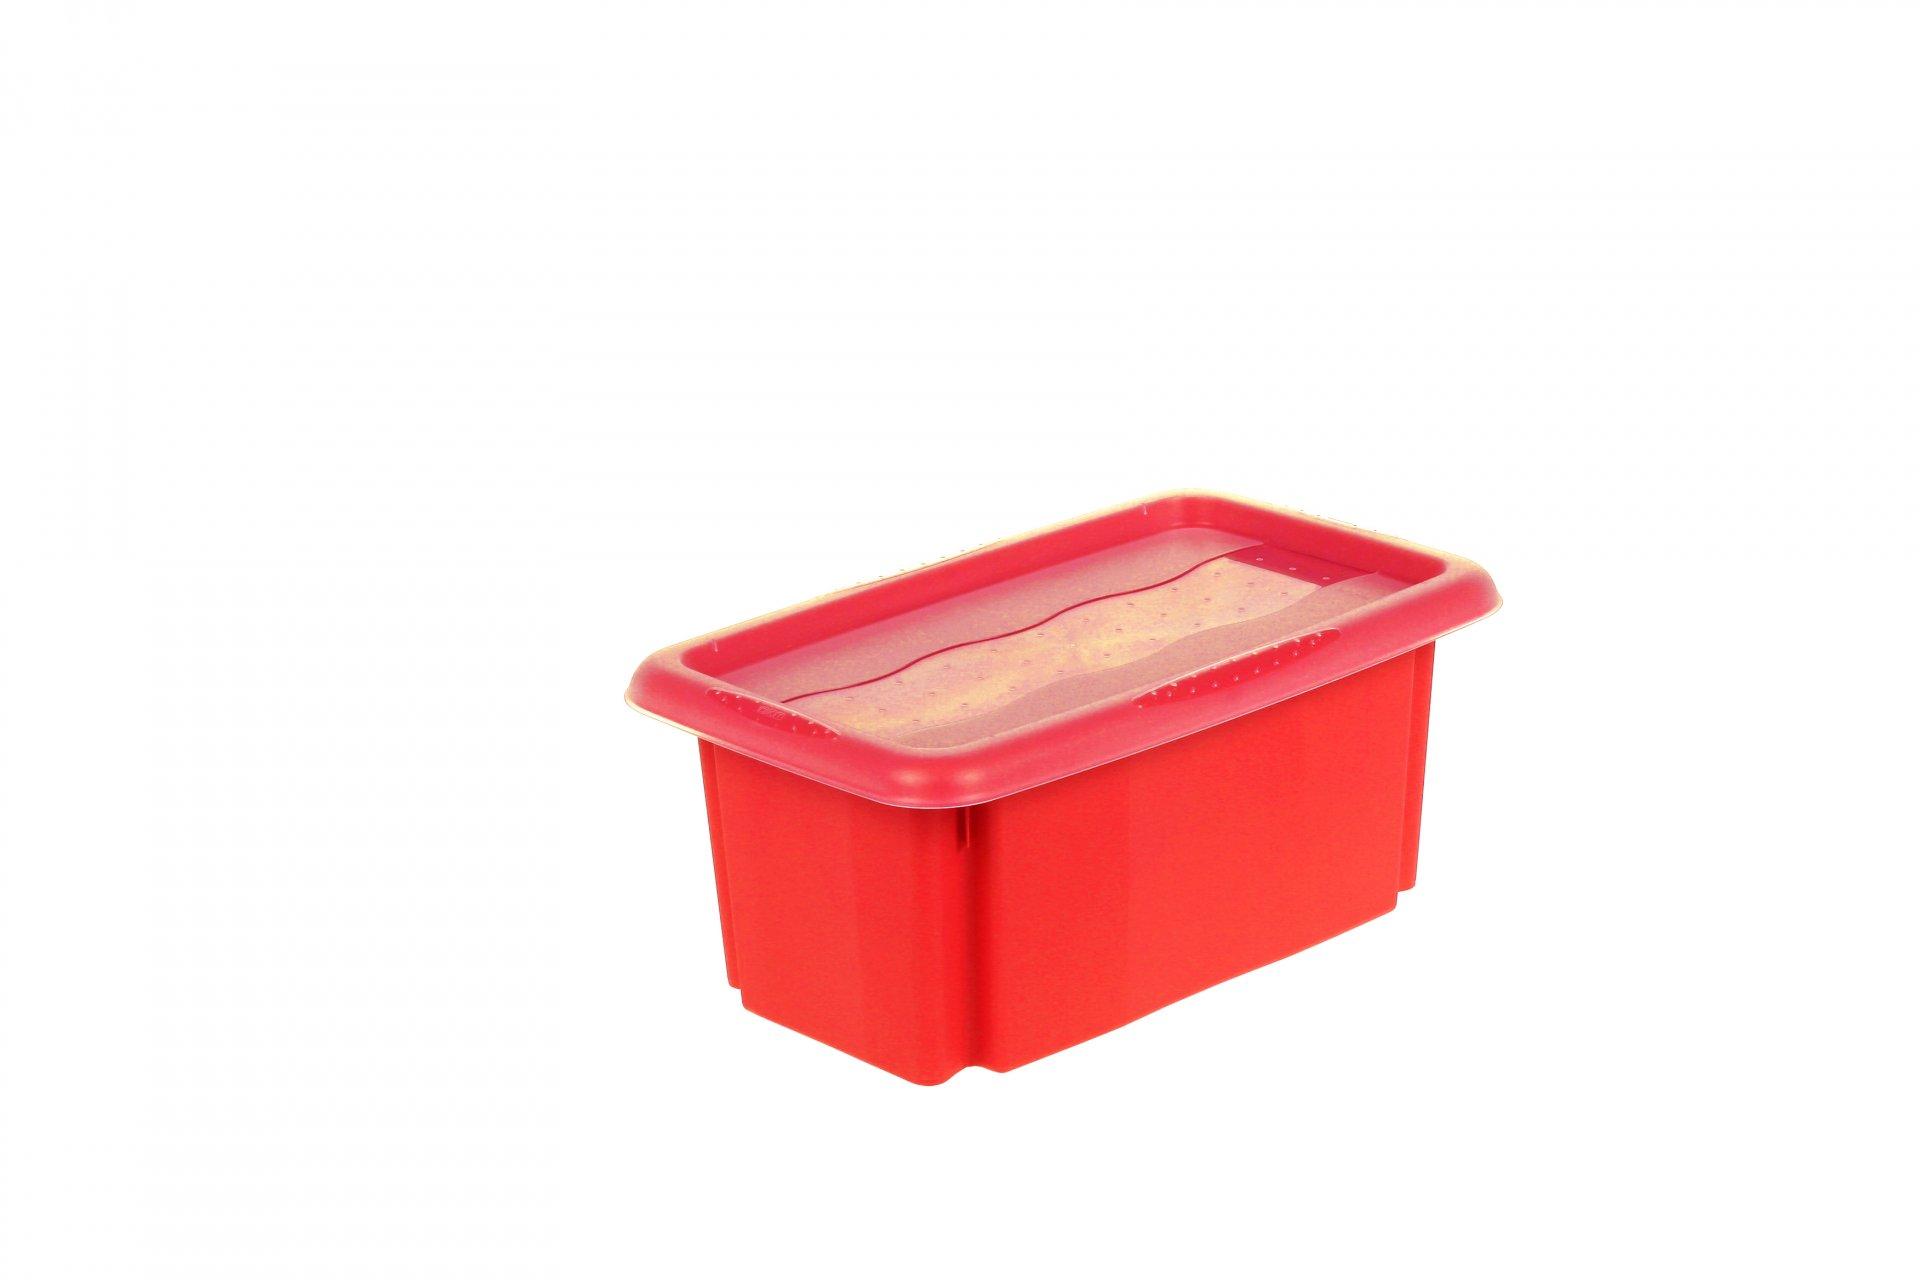 Keeeper Úložný box s víkem Emil & Emilia, červený 7L